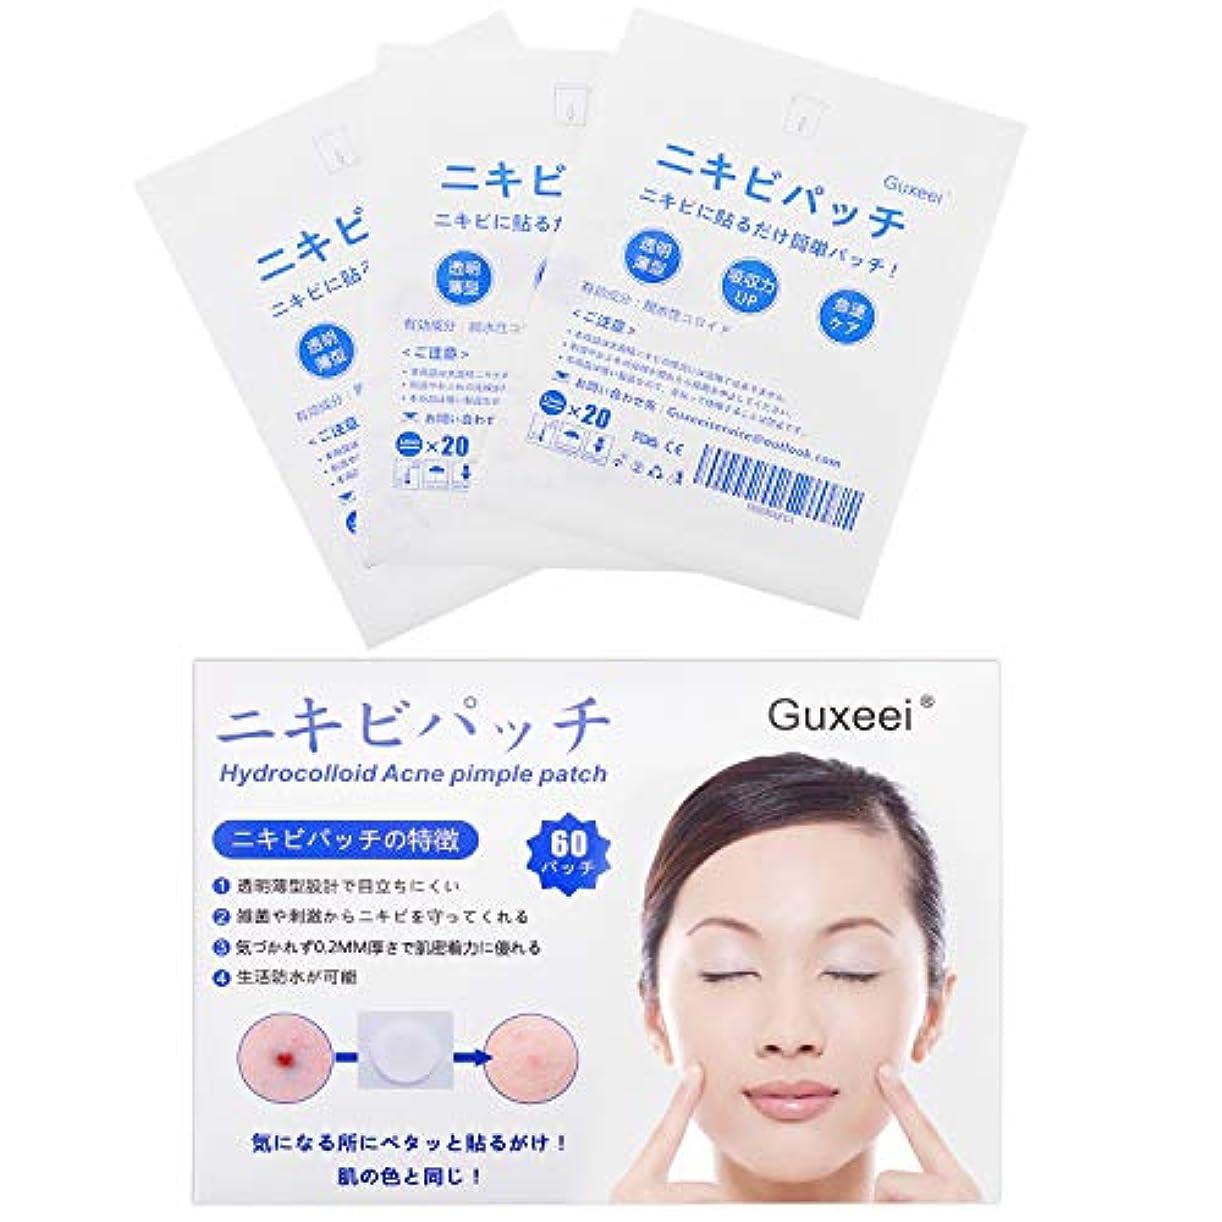 下品ヒューマニスティックお願いしますGuxeei スポット ニキビ コンシーラー Acne Pimple Patch 12mm(3枚 60パッチ入り )